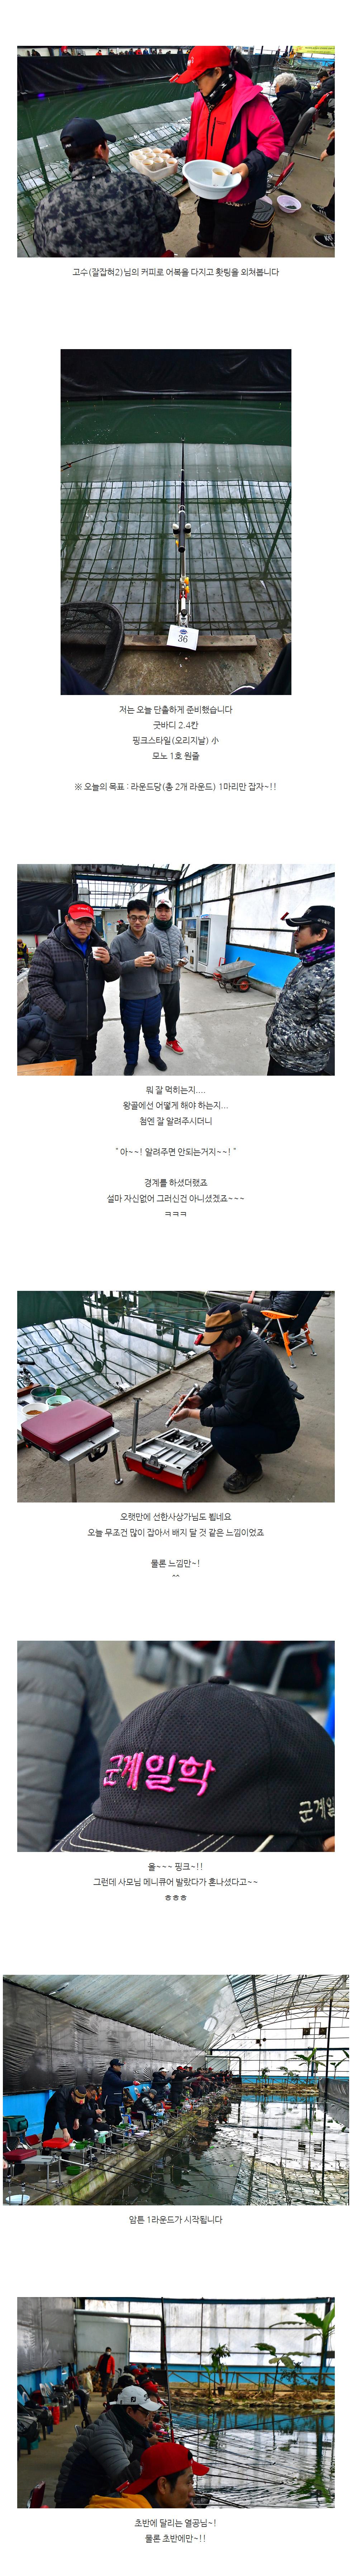 빼찌빵 - 서울지부 번출(왕골 하우스) 2.jpg